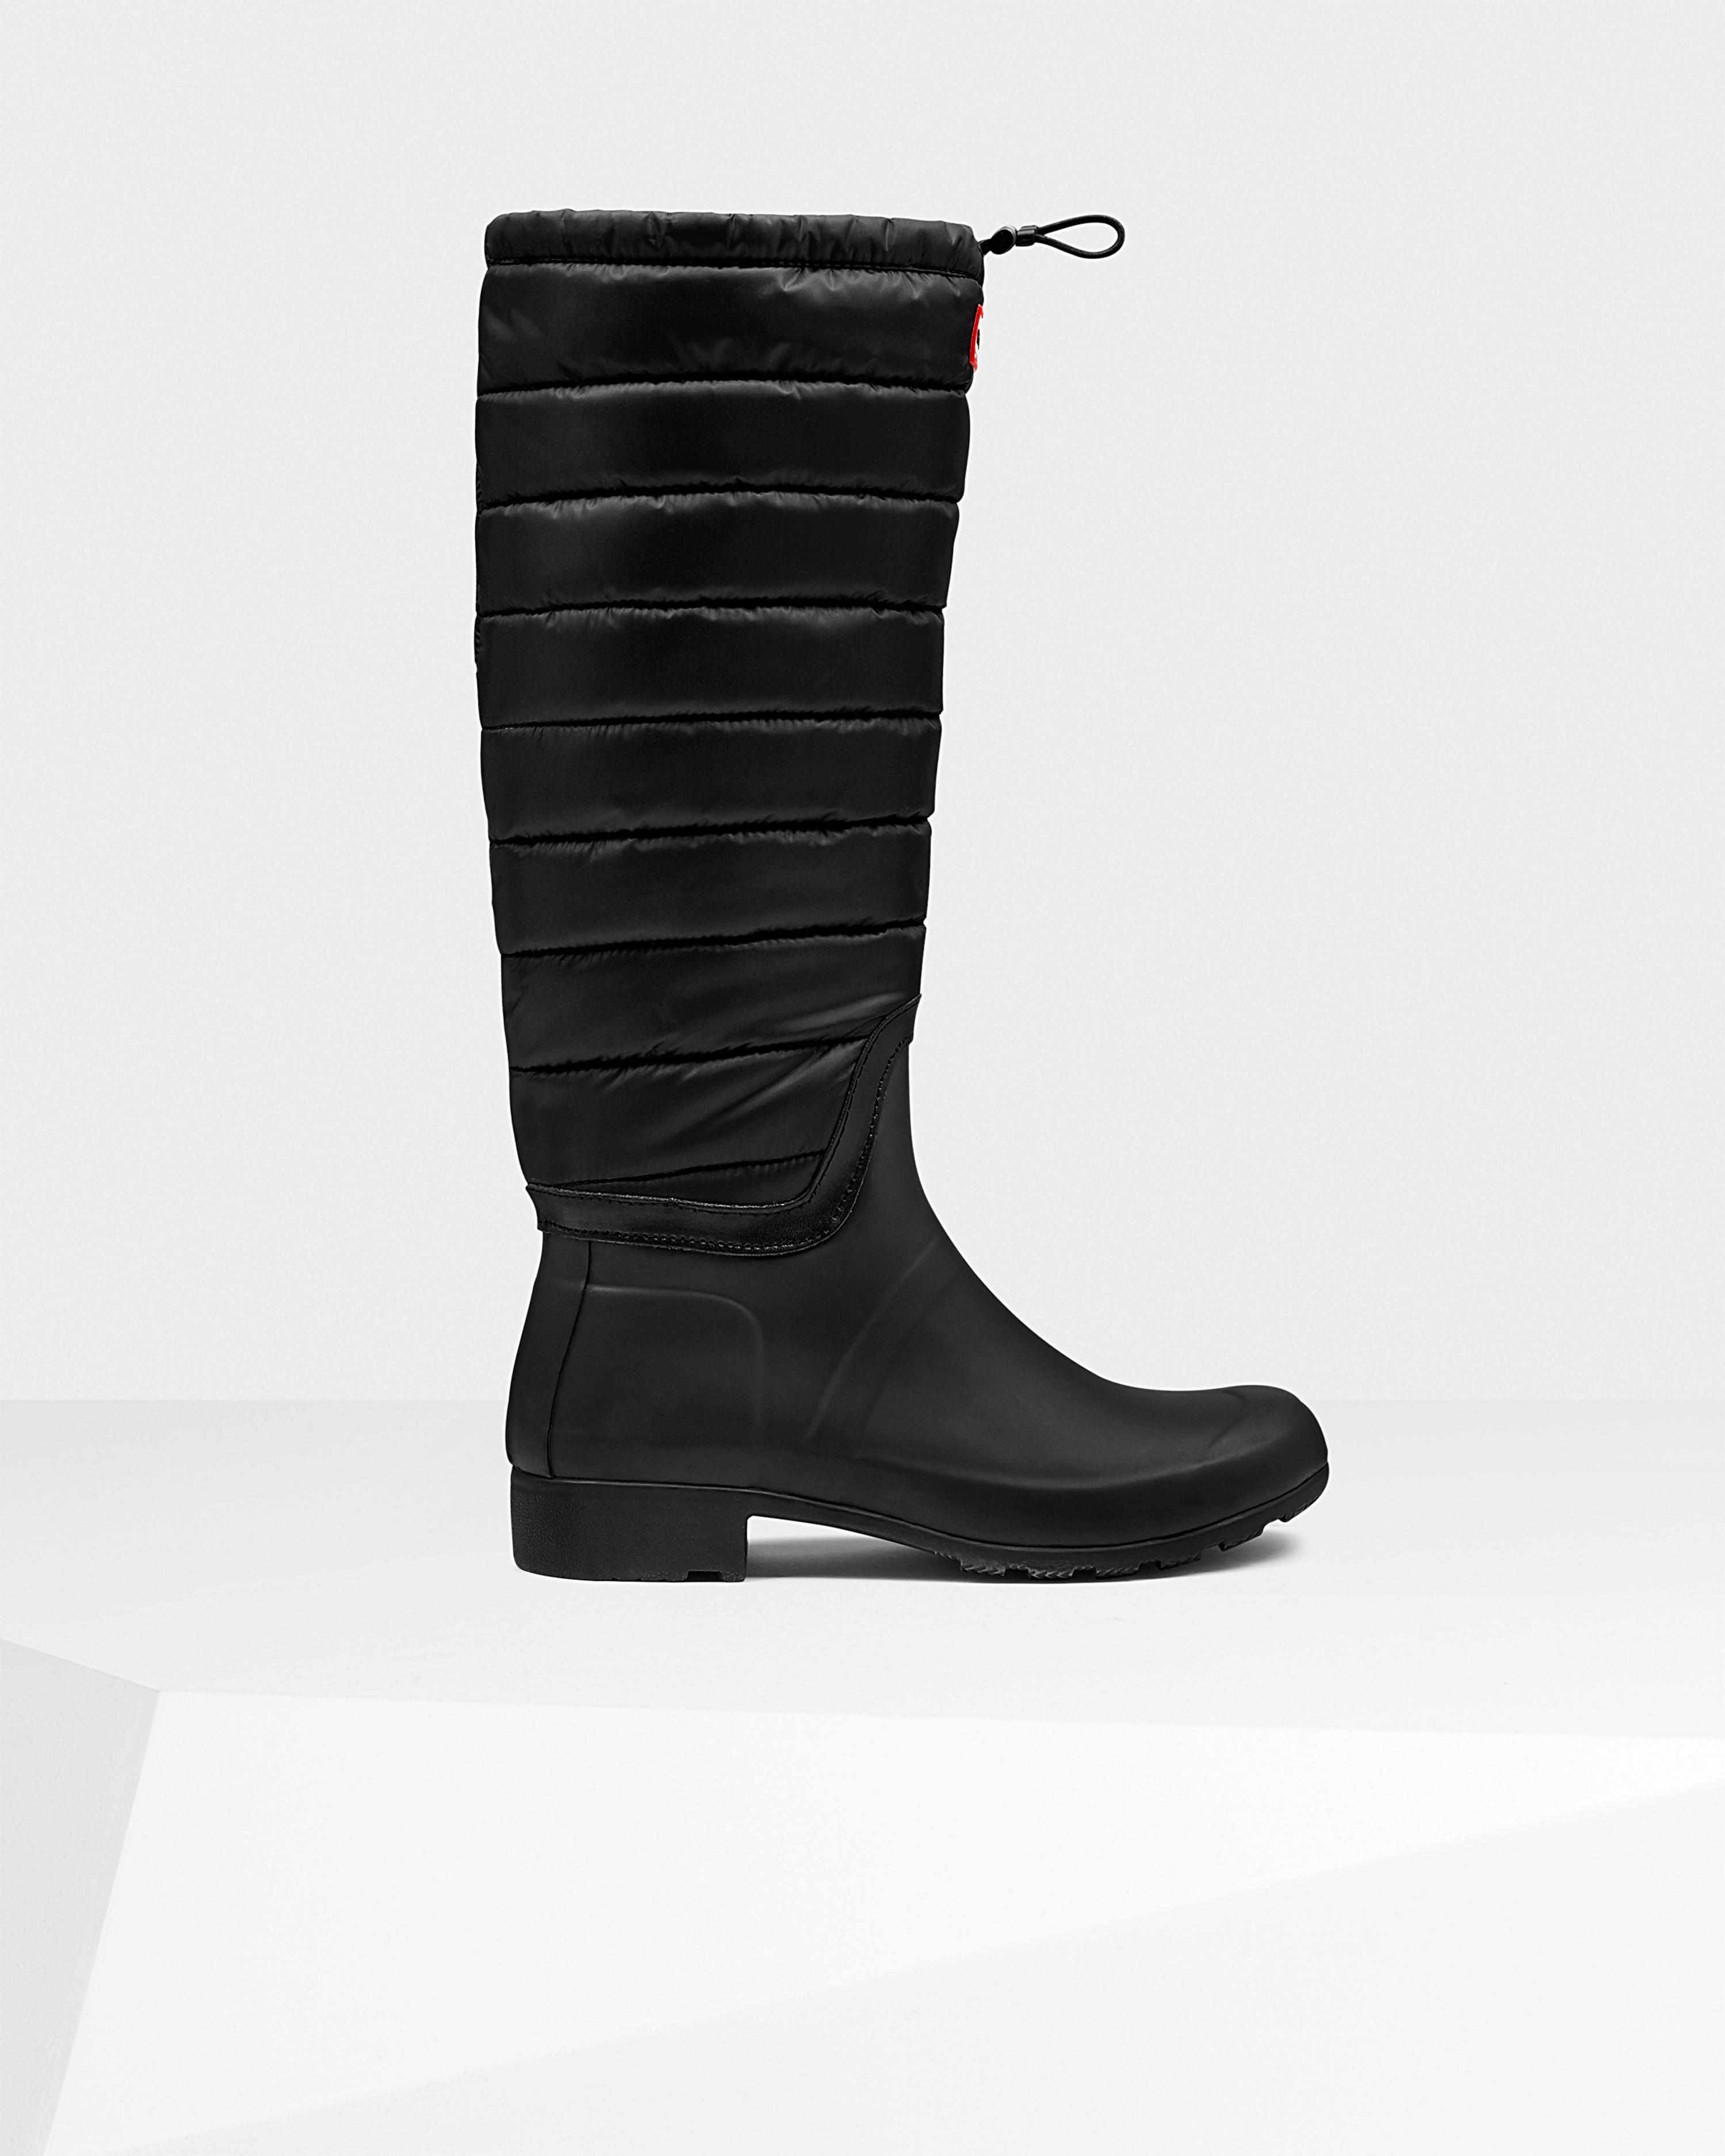 Hunter Womens Original Tall Quilted Leg Wellington Boots